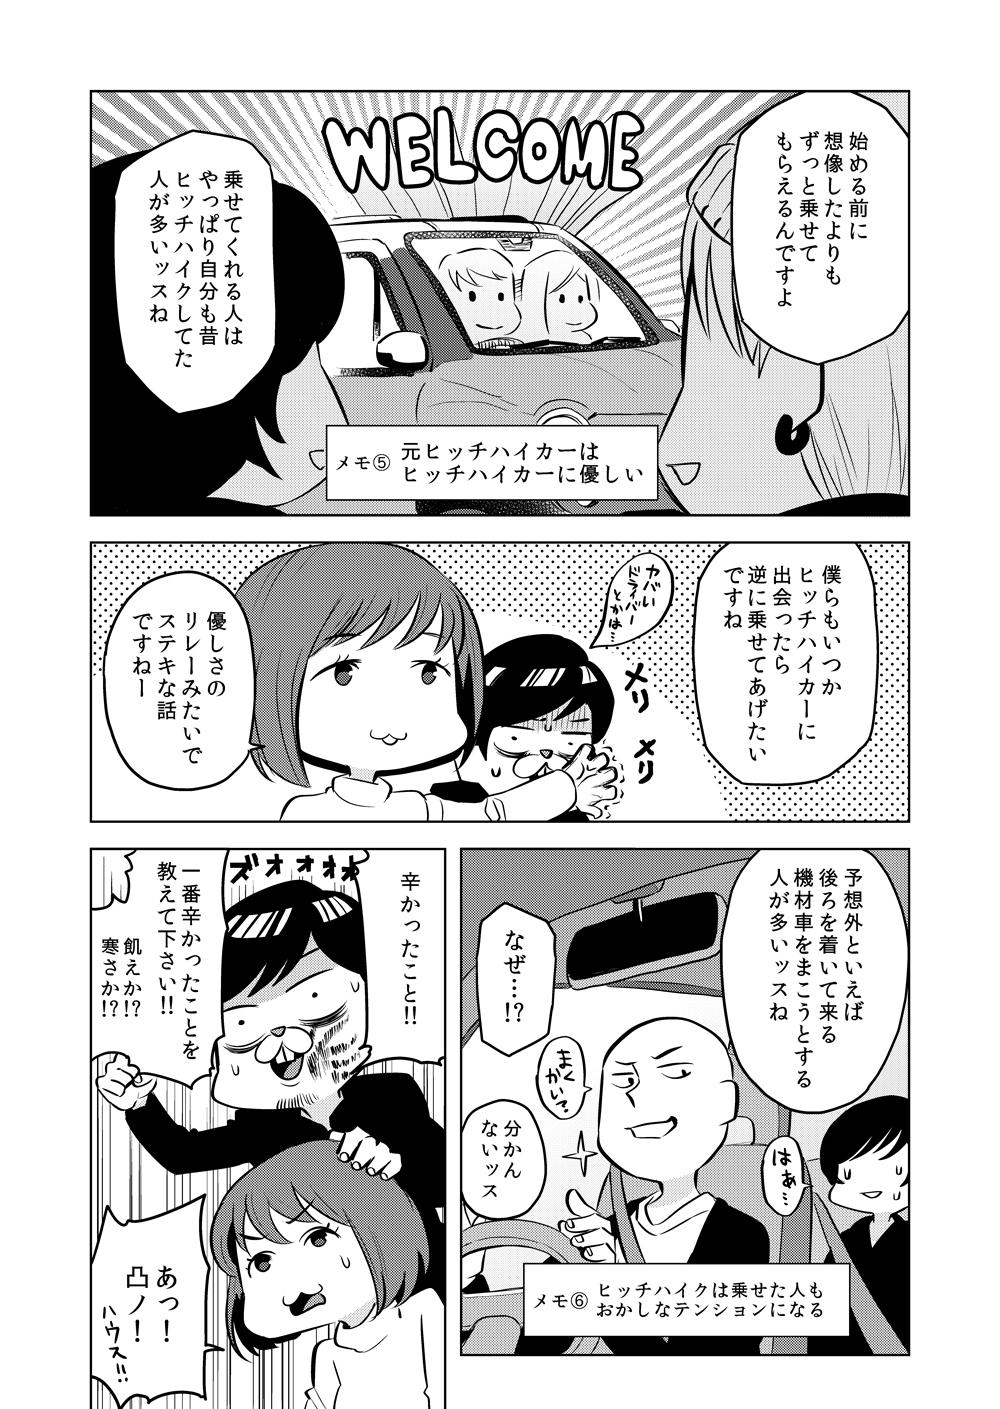 denpa-girl-manga-08